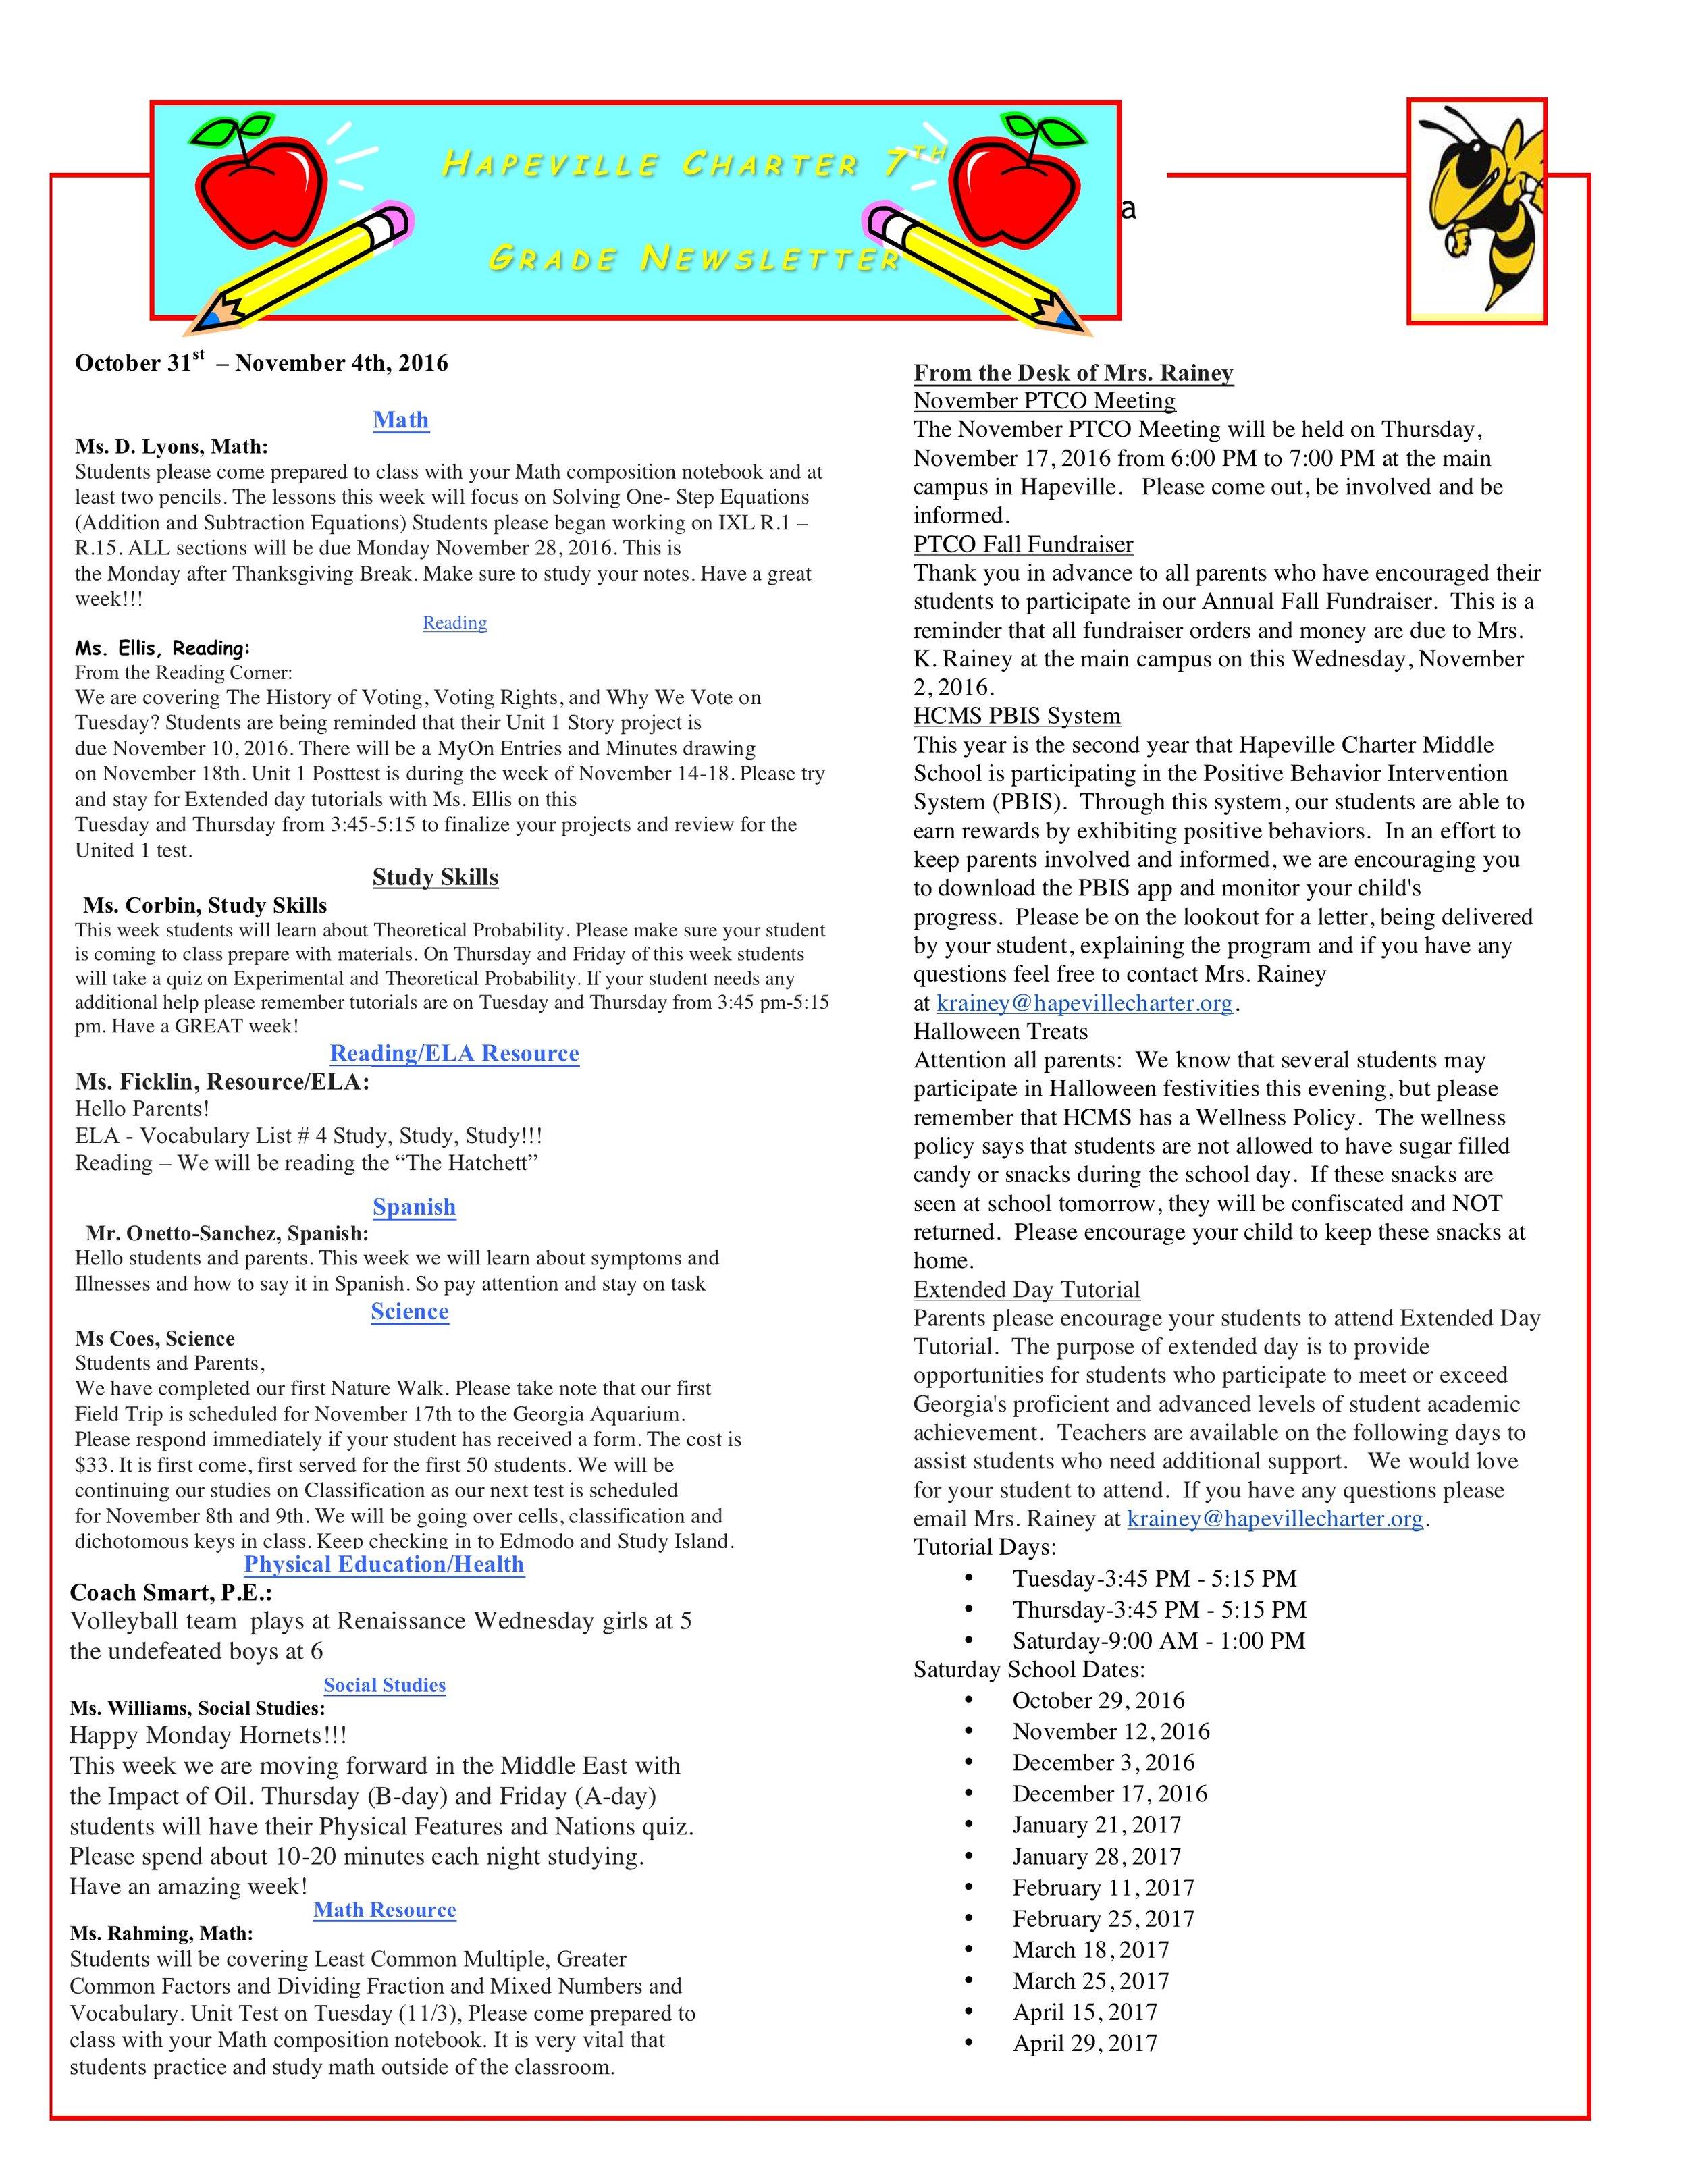 Newsletter Image7th Grade Newsletter 10-31-2016.jpeg